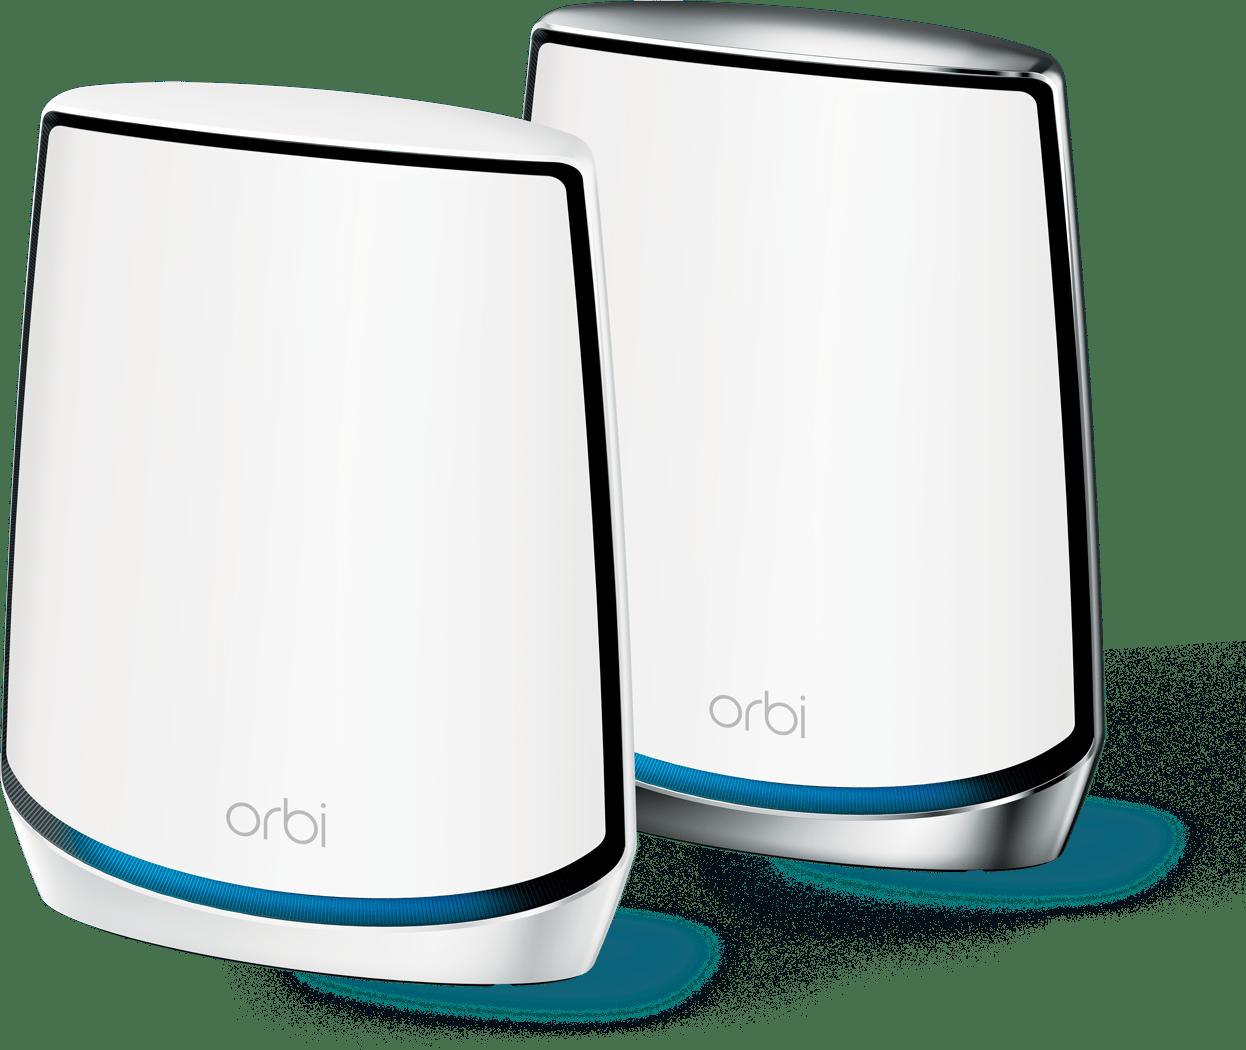 Orbi WiFi System with Wi-Fi 6